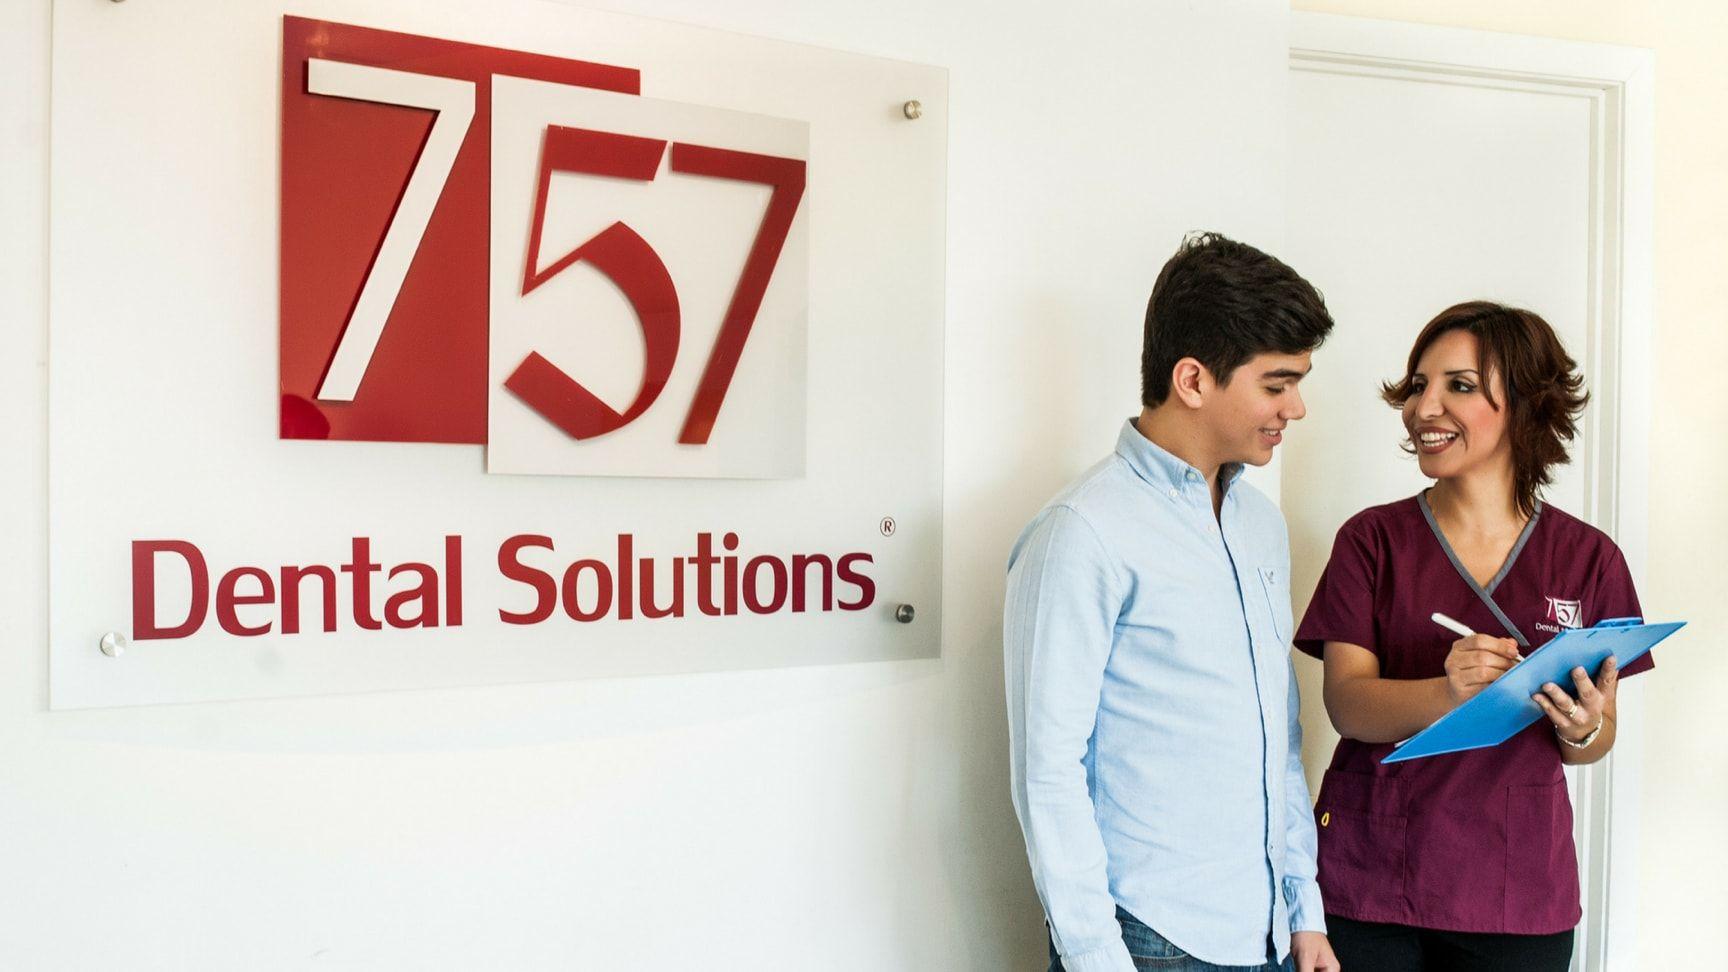 757 Dental Solutions